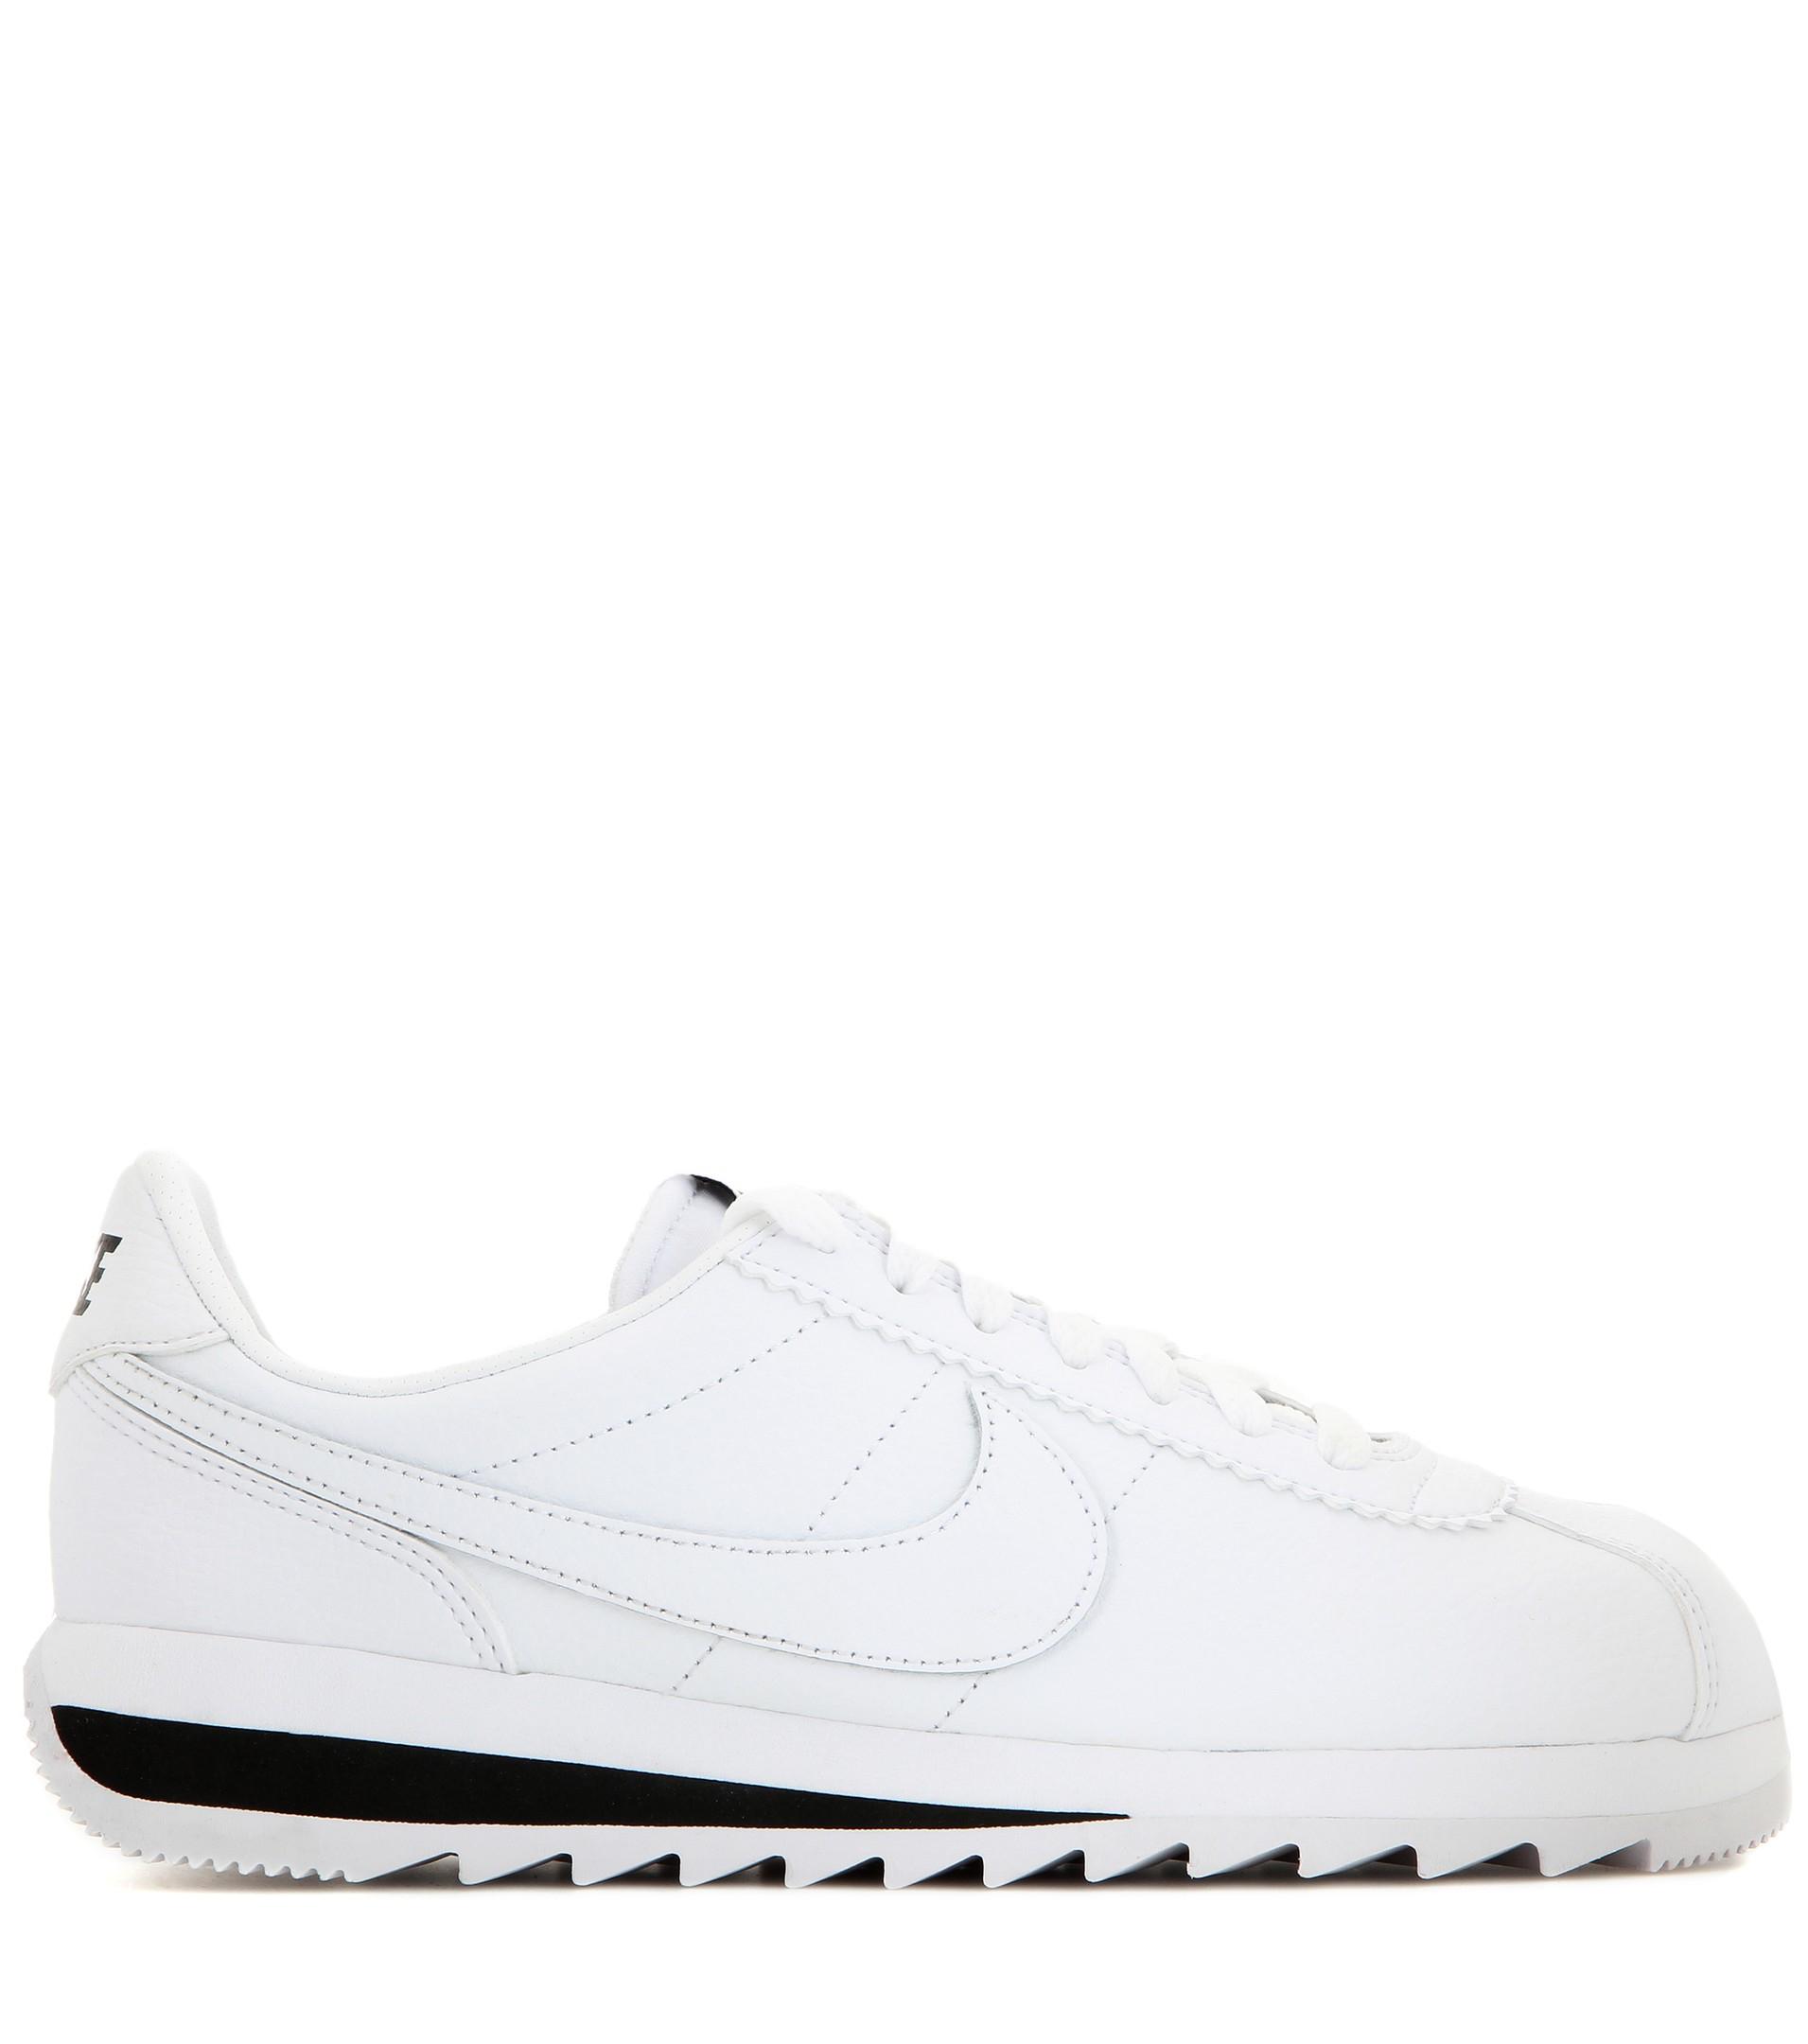 size 40 6e69e 0248d Nike Classic Cortez Epic Premium Leather Sneakers in White - Lyst